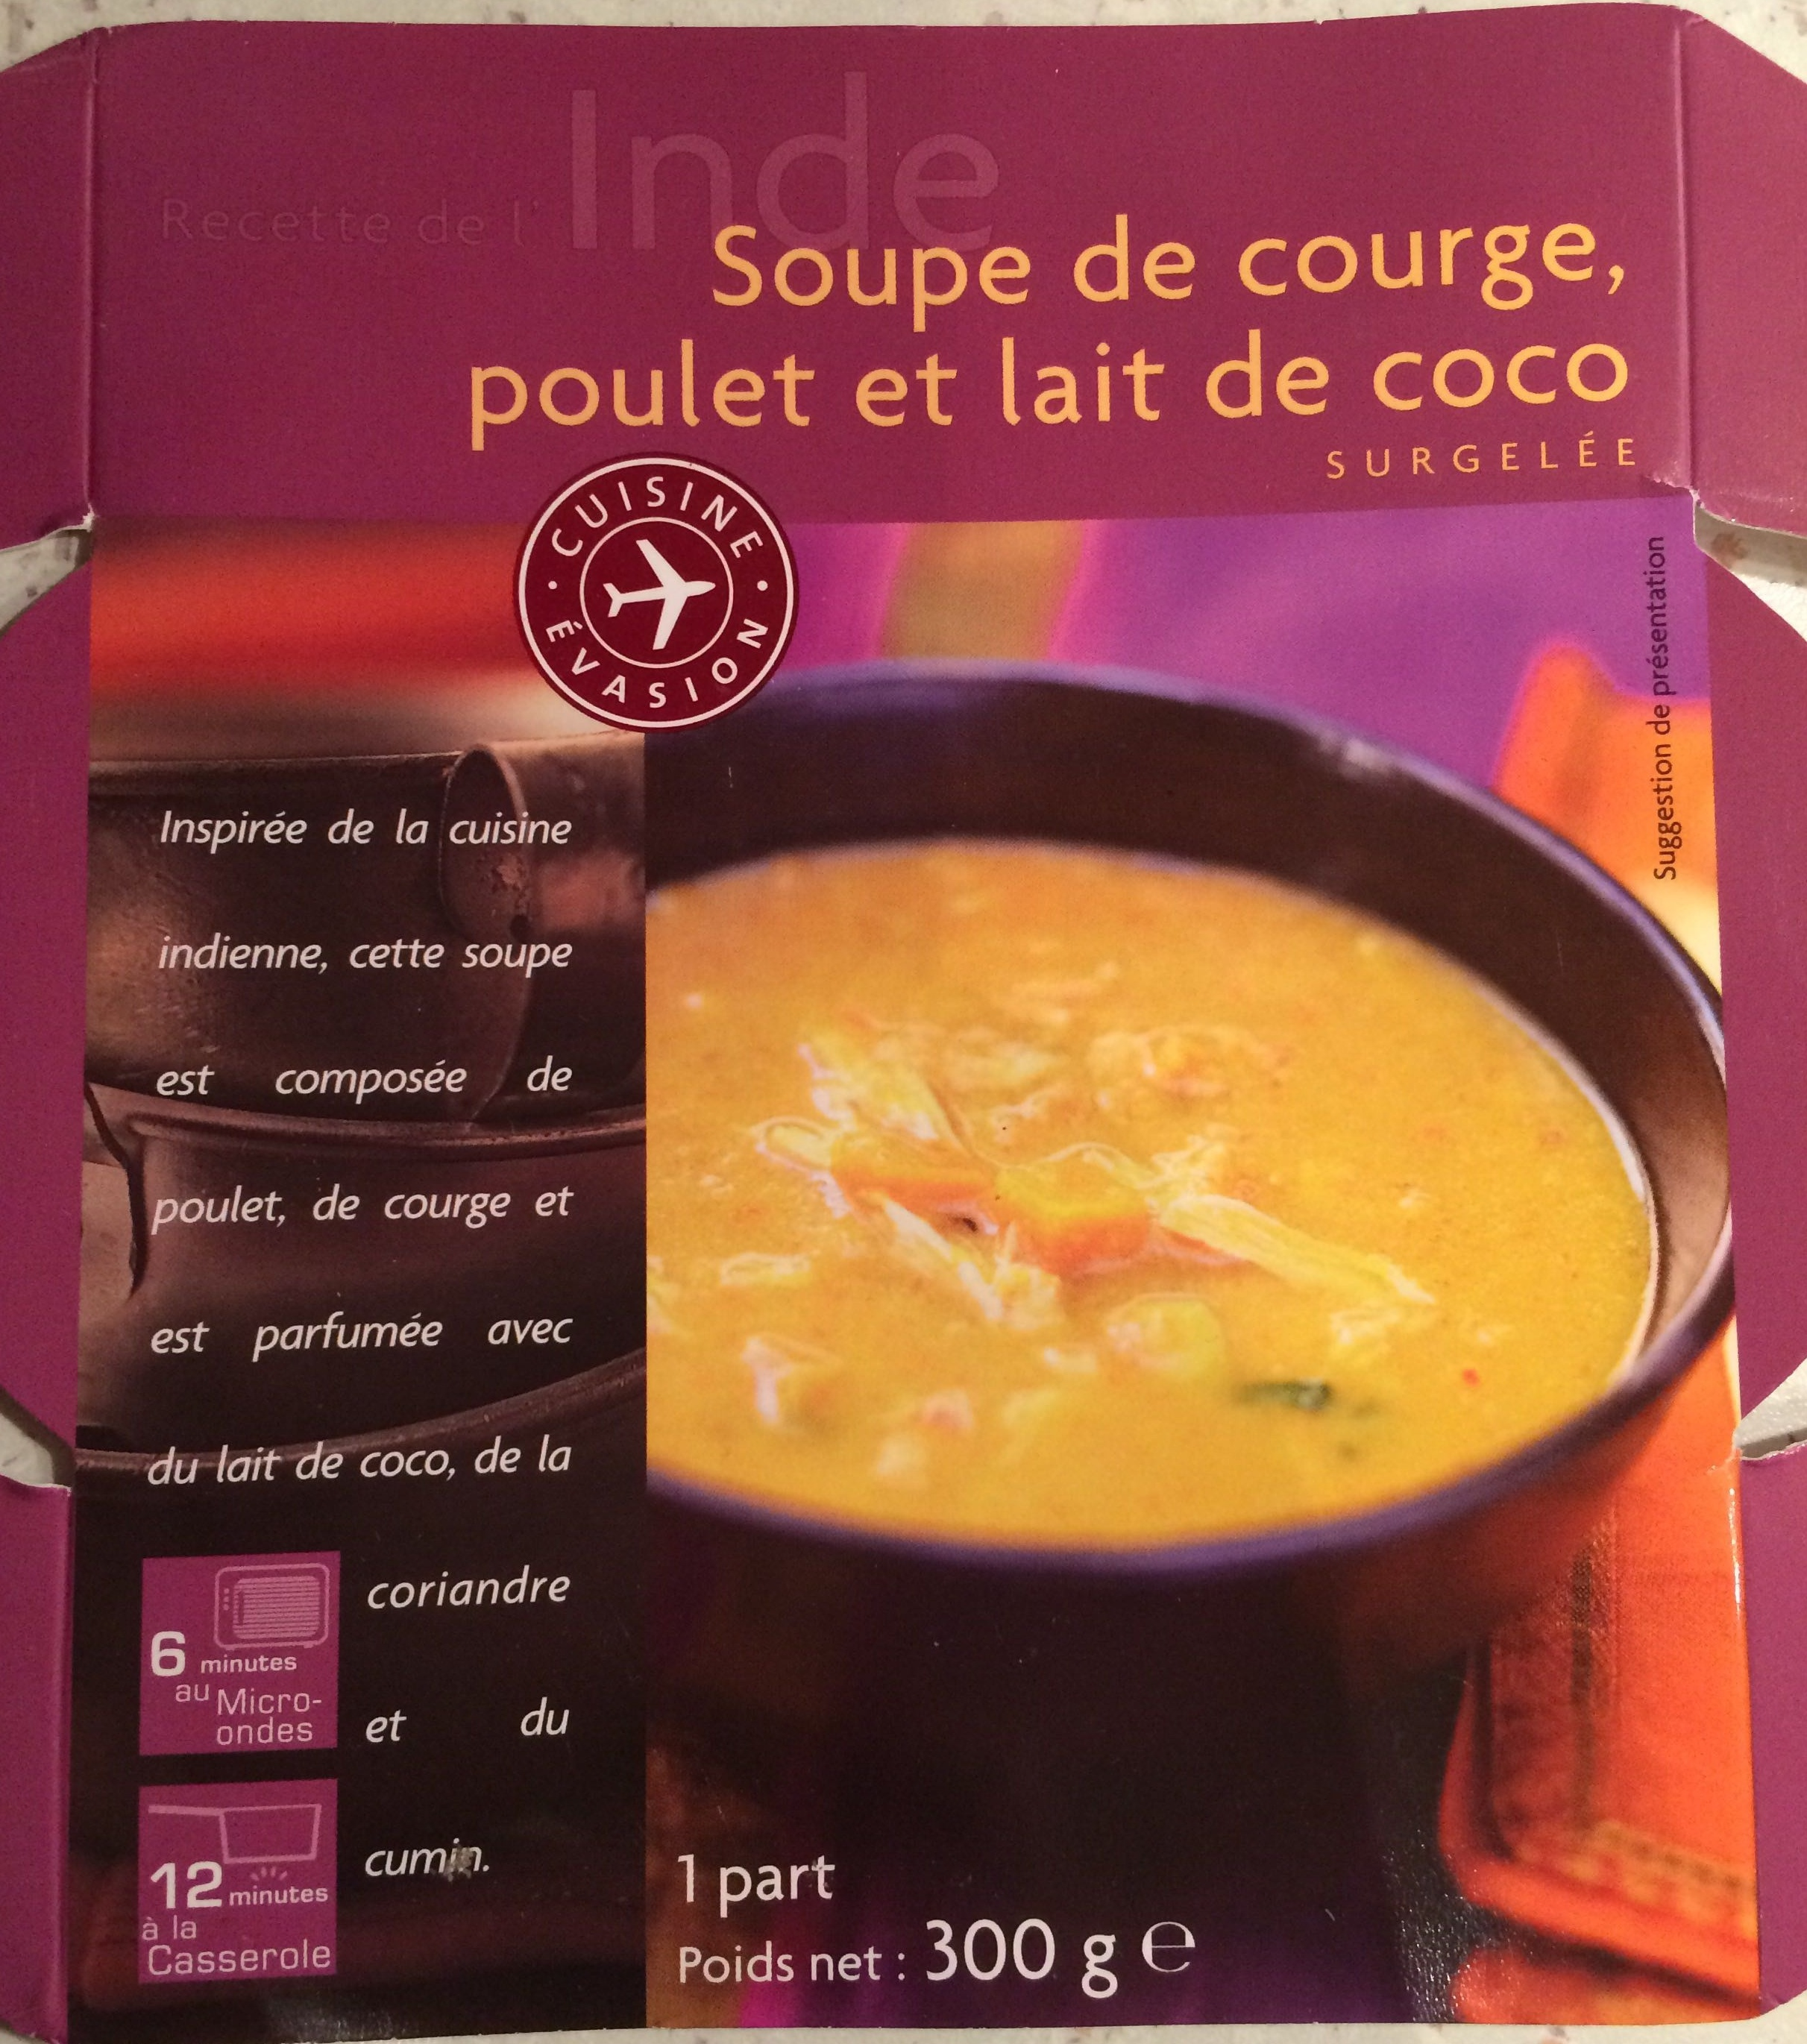 Soupe de courge, poulet et lait de coco - Produit